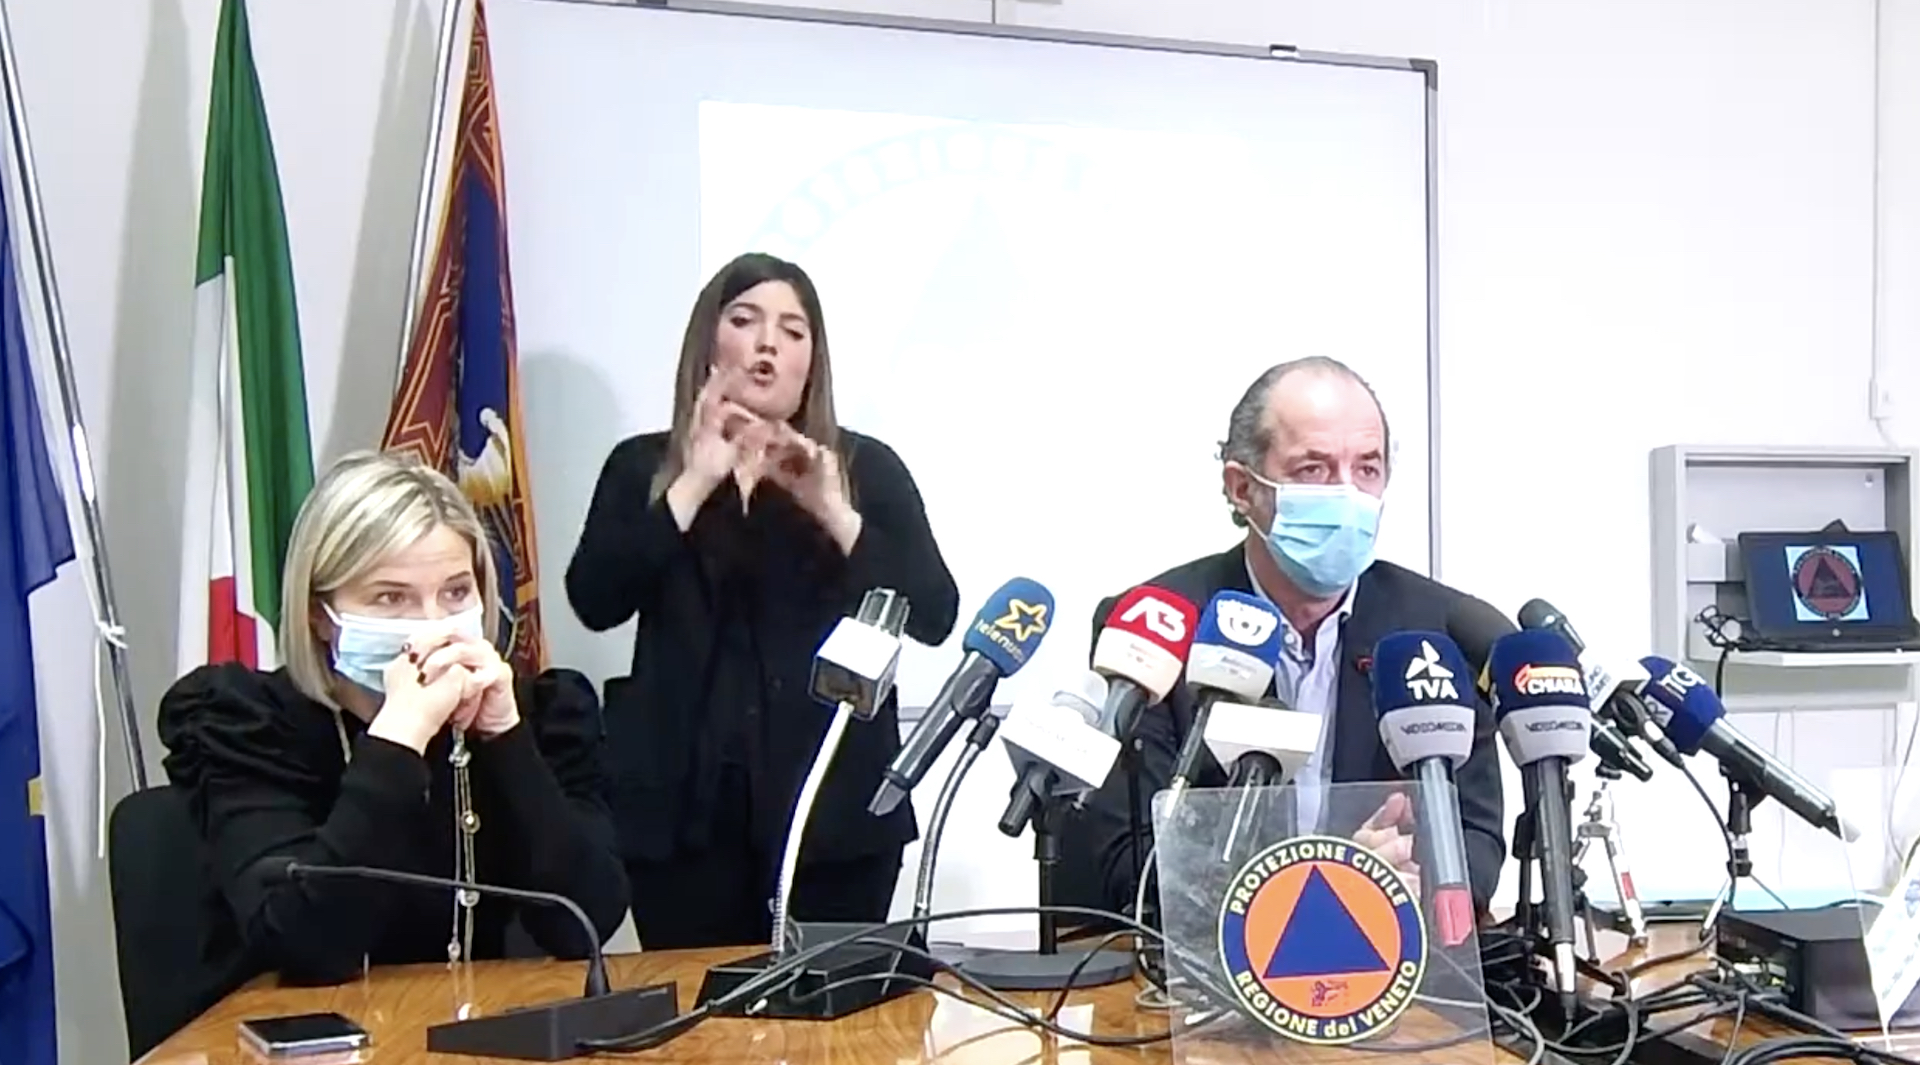 Coronavirus, in Veneto 75 decessi in 24 ore. Zaia: «Forse la terza ondata qui da noi è passata» – Il video